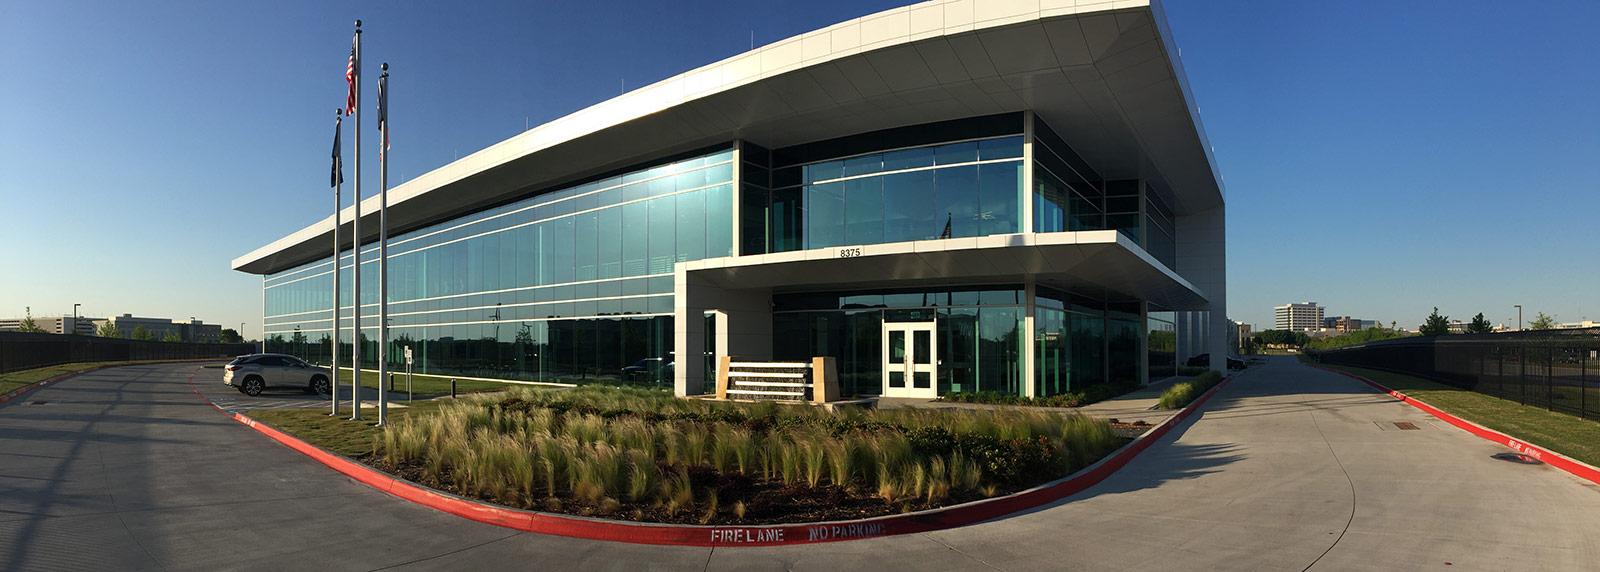 Plano Data Center Dfw3 Dallas Texas Databank